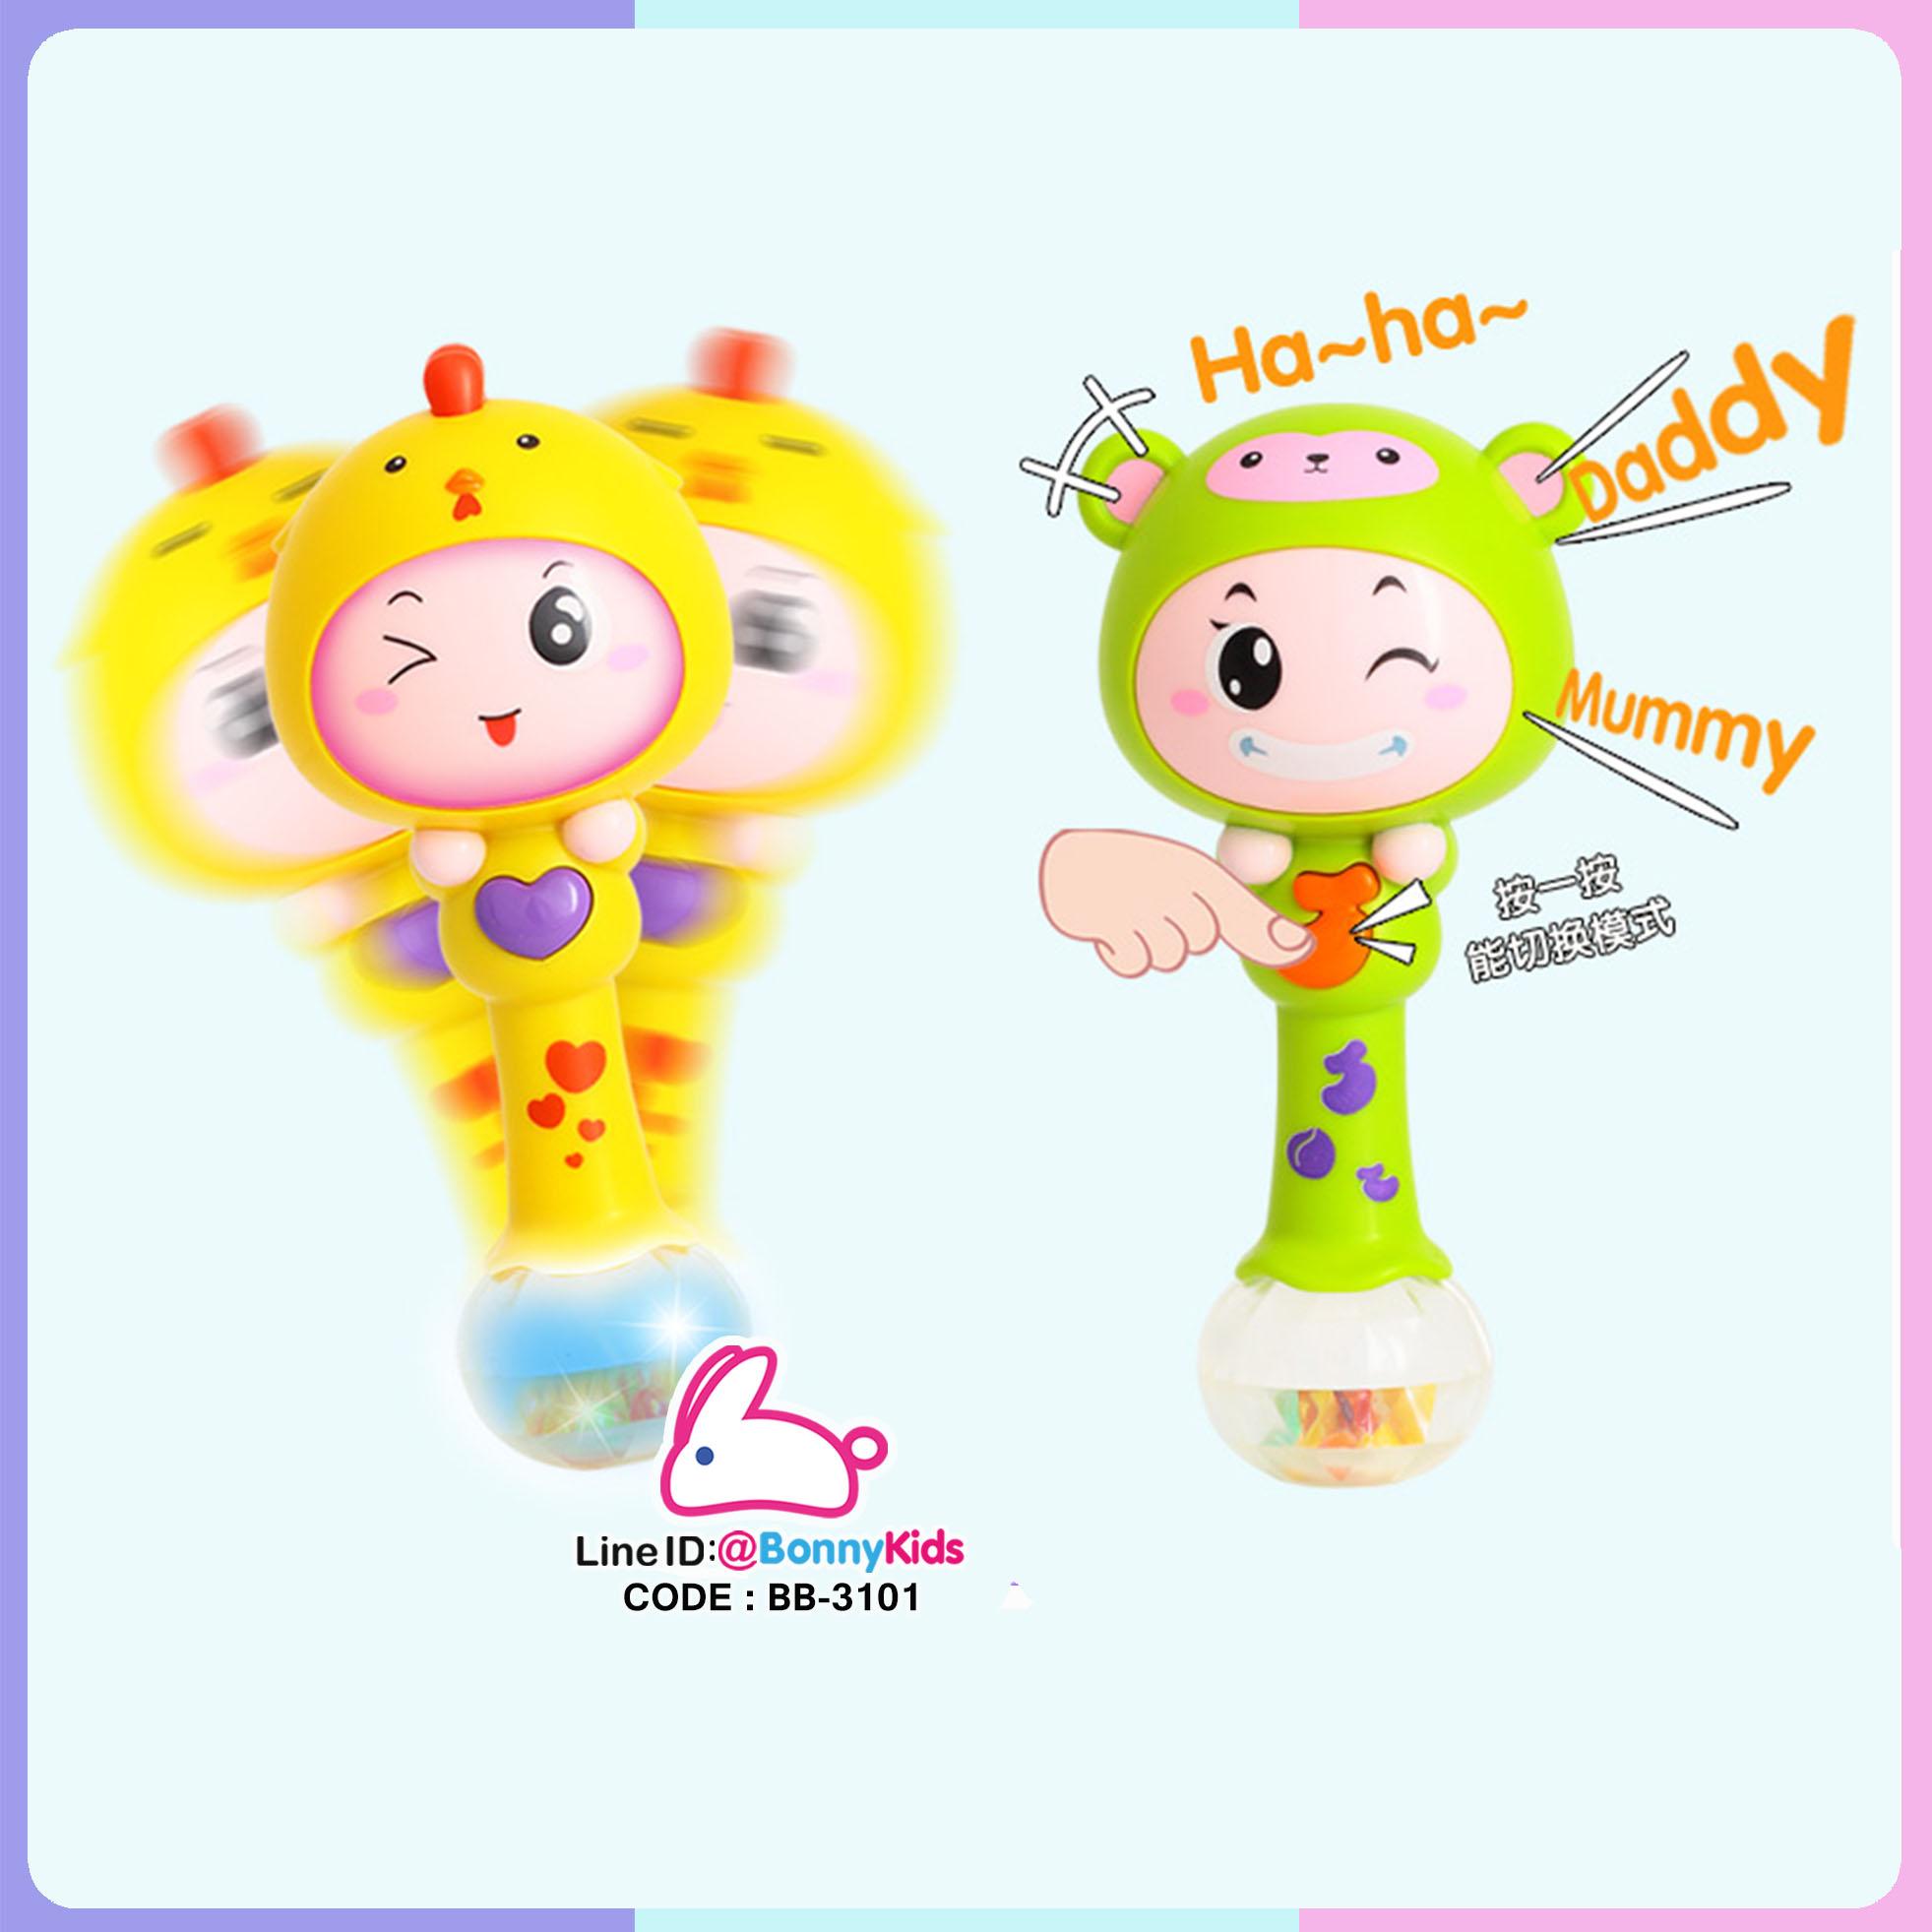 Huile Toys ของเล่นเด็กอ่อน เขย่ามือสำหรับเด็ก คละสี